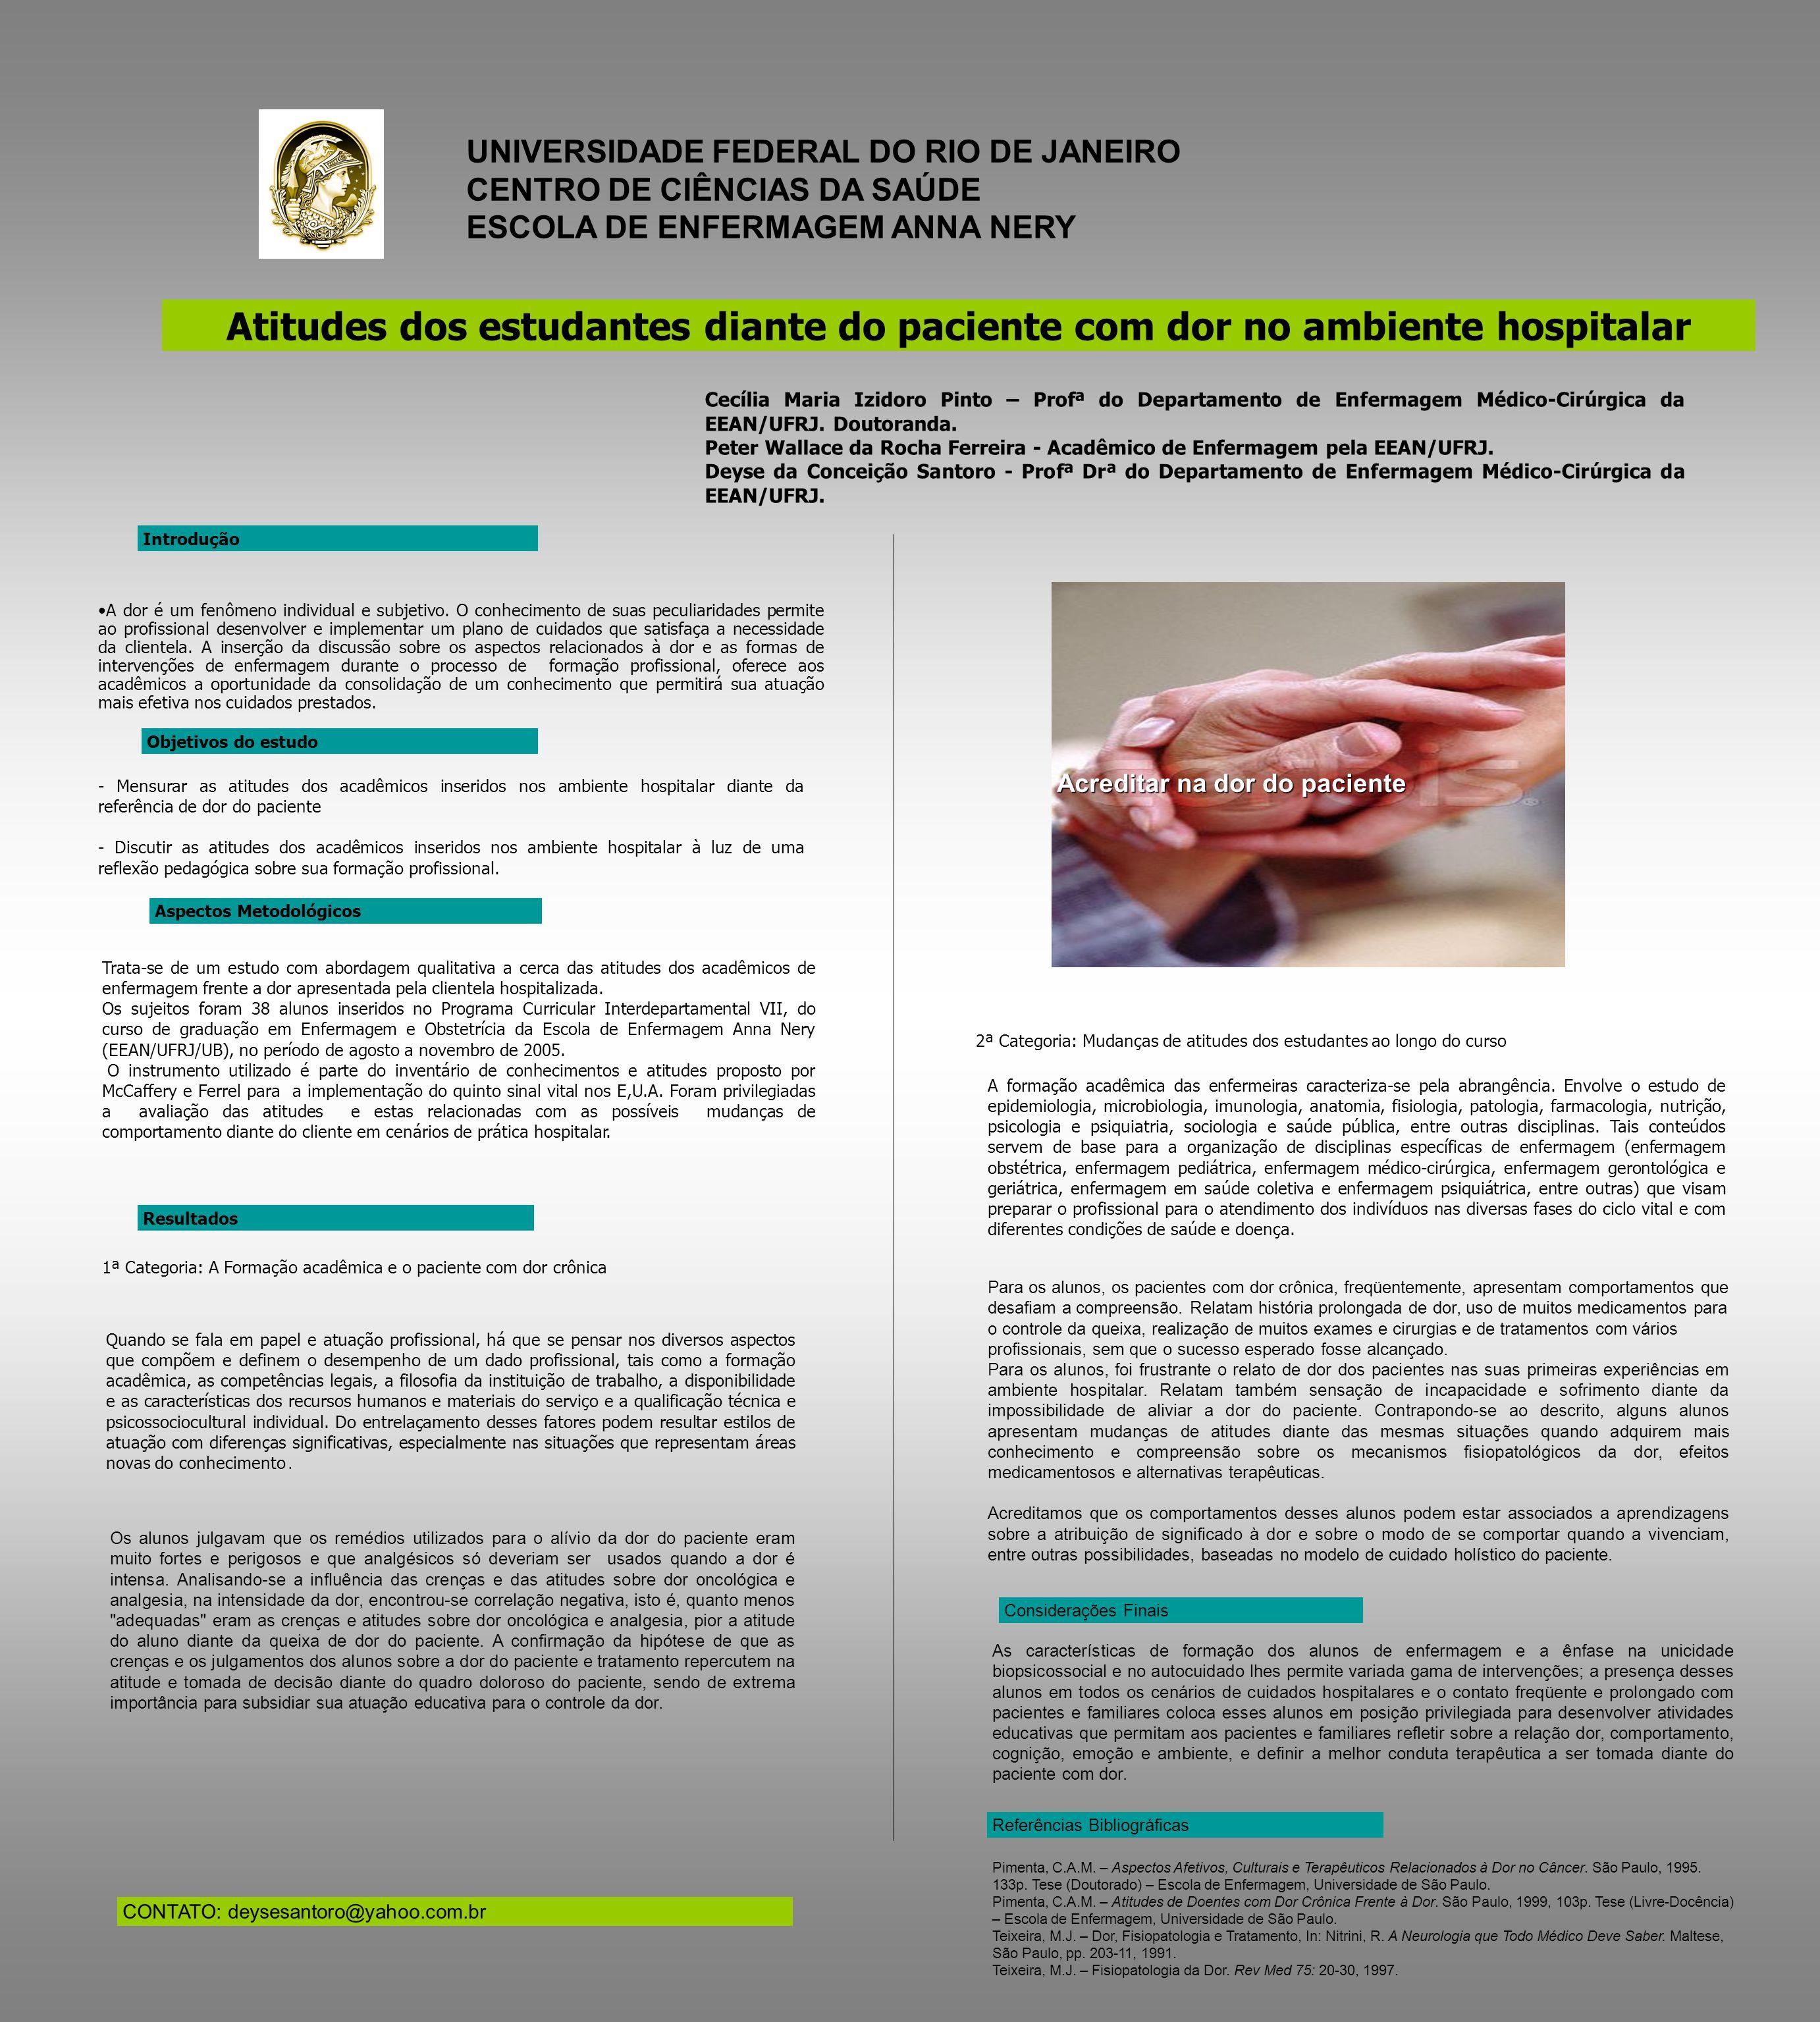 UNIVERSIDADE FEDERAL DO RIO DE JANEIRO CENTRO DE CIÊNCIAS DA SAÚDE ESCOLA DE ENFERMAGEM ANNA NERY Atitudes dos estudantes diante do paciente com dor n